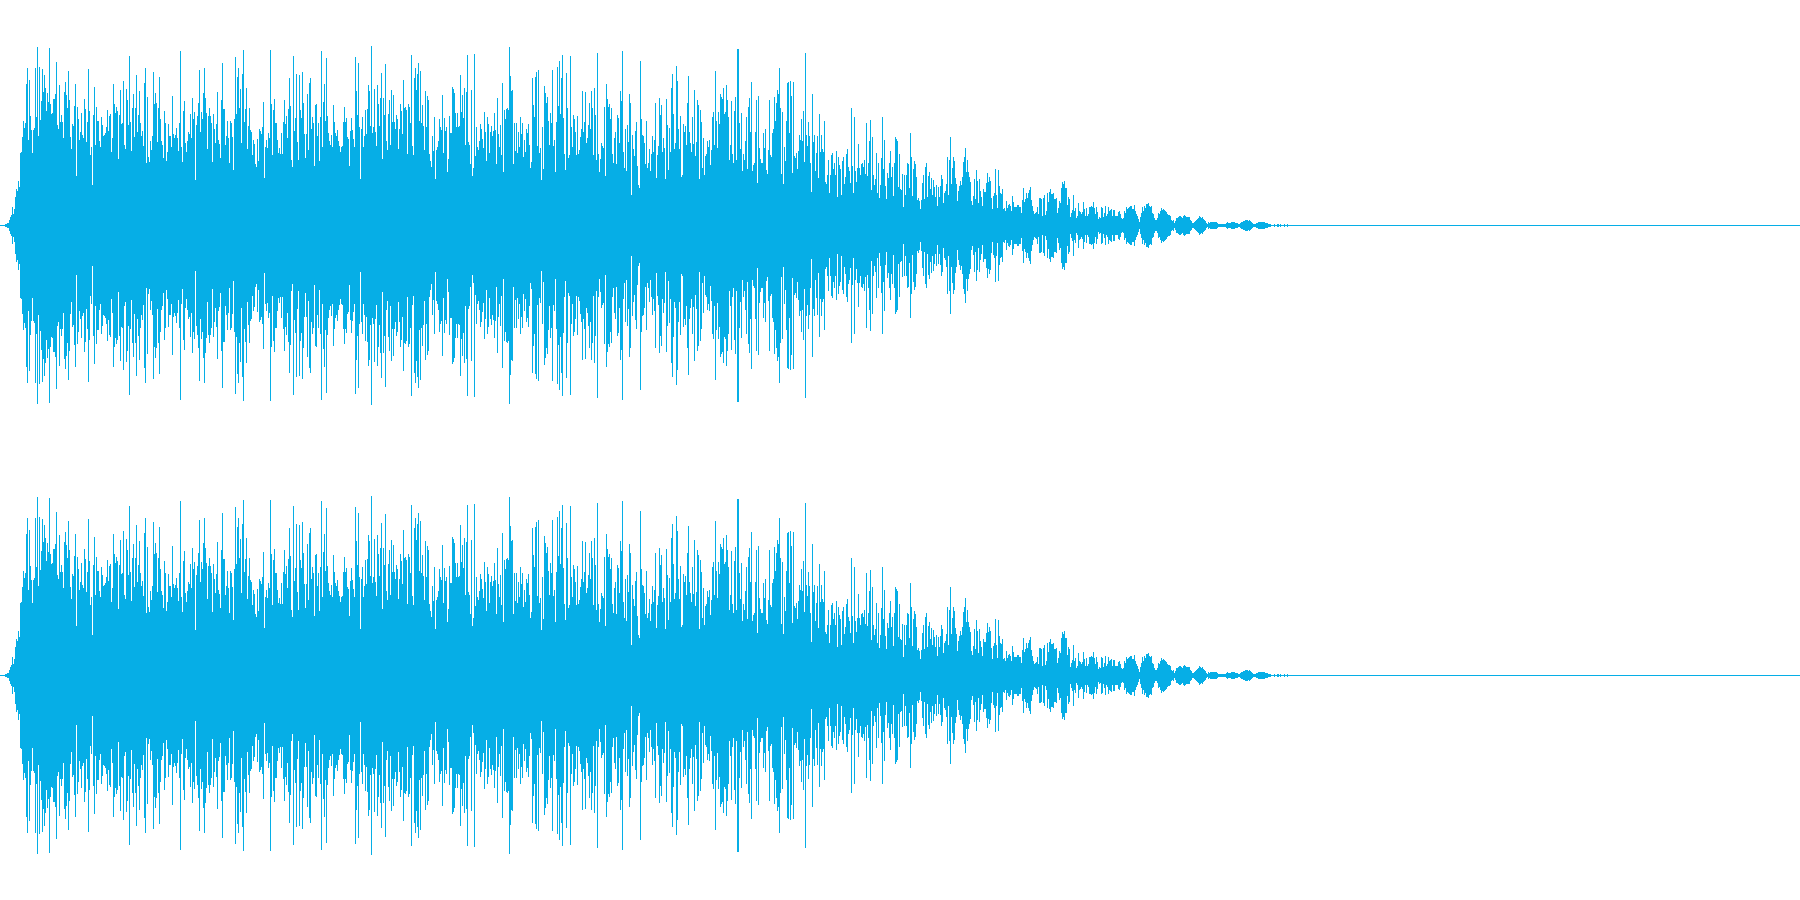 攻撃ヒット音.02の再生済みの波形